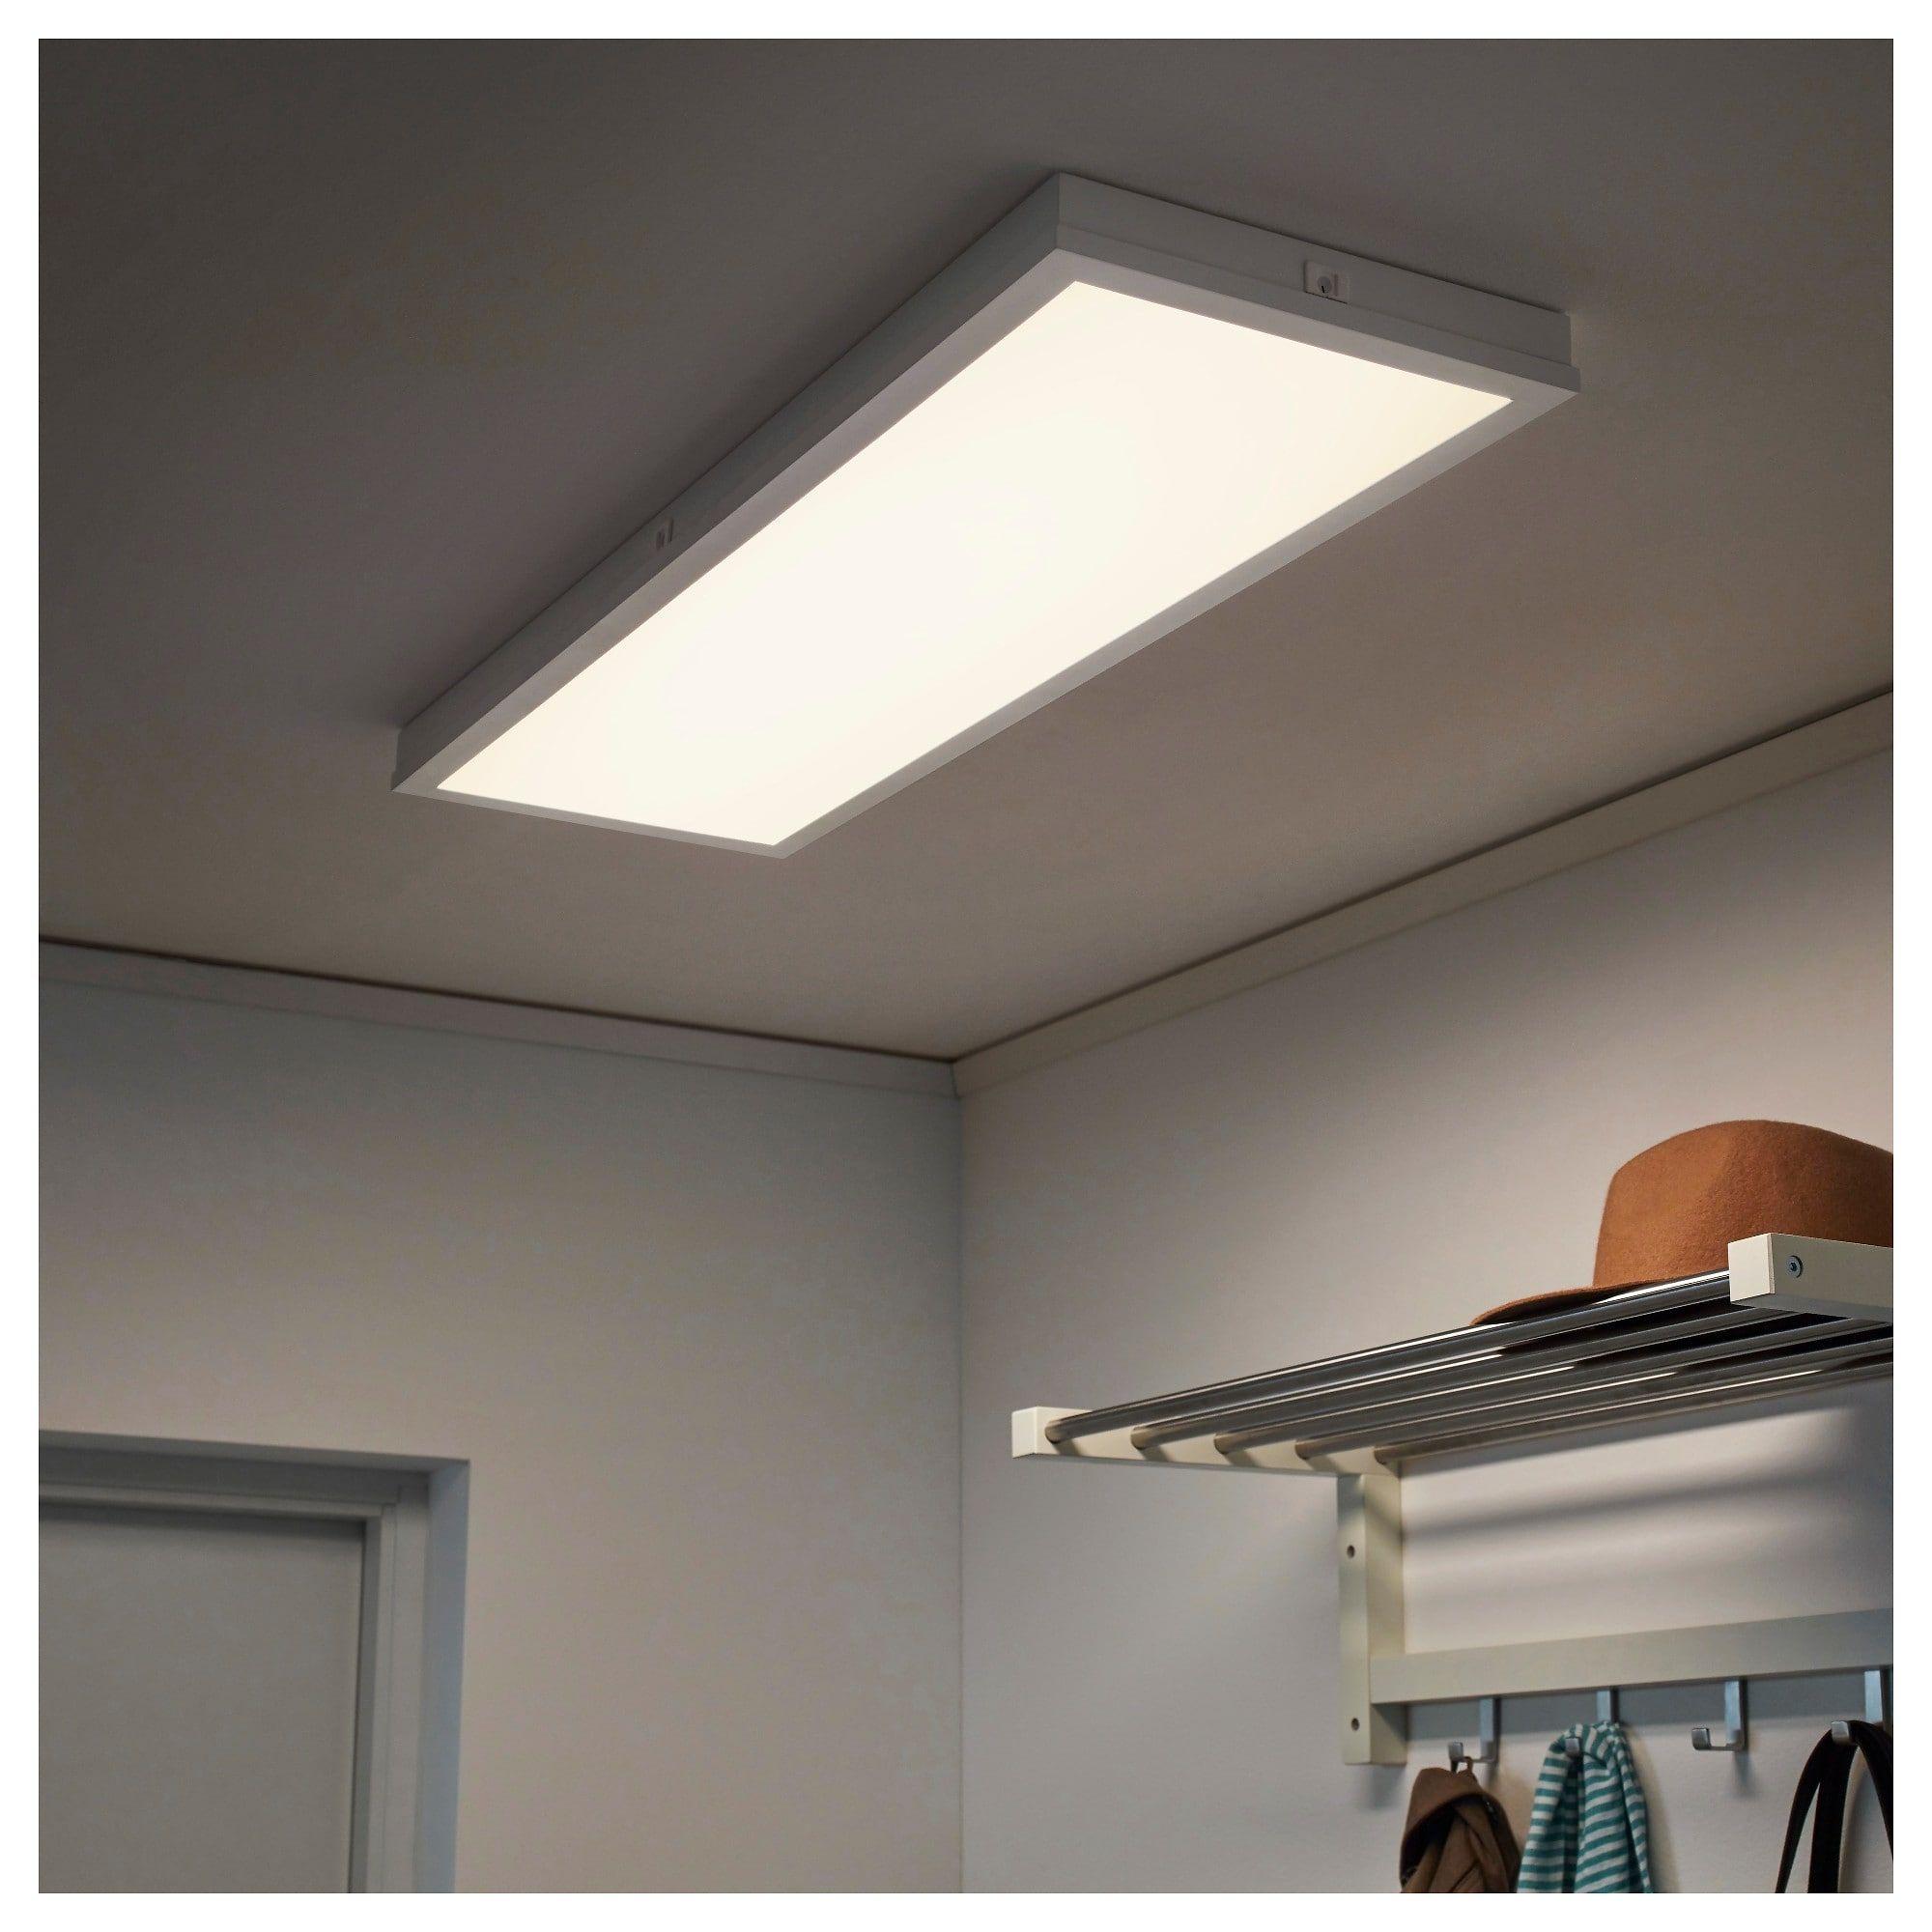 Led valopaneeli kaukosäädin floalt himmennettävä valkoinen spektri in 2019 valaistus led panel light bathroom lighting led panel